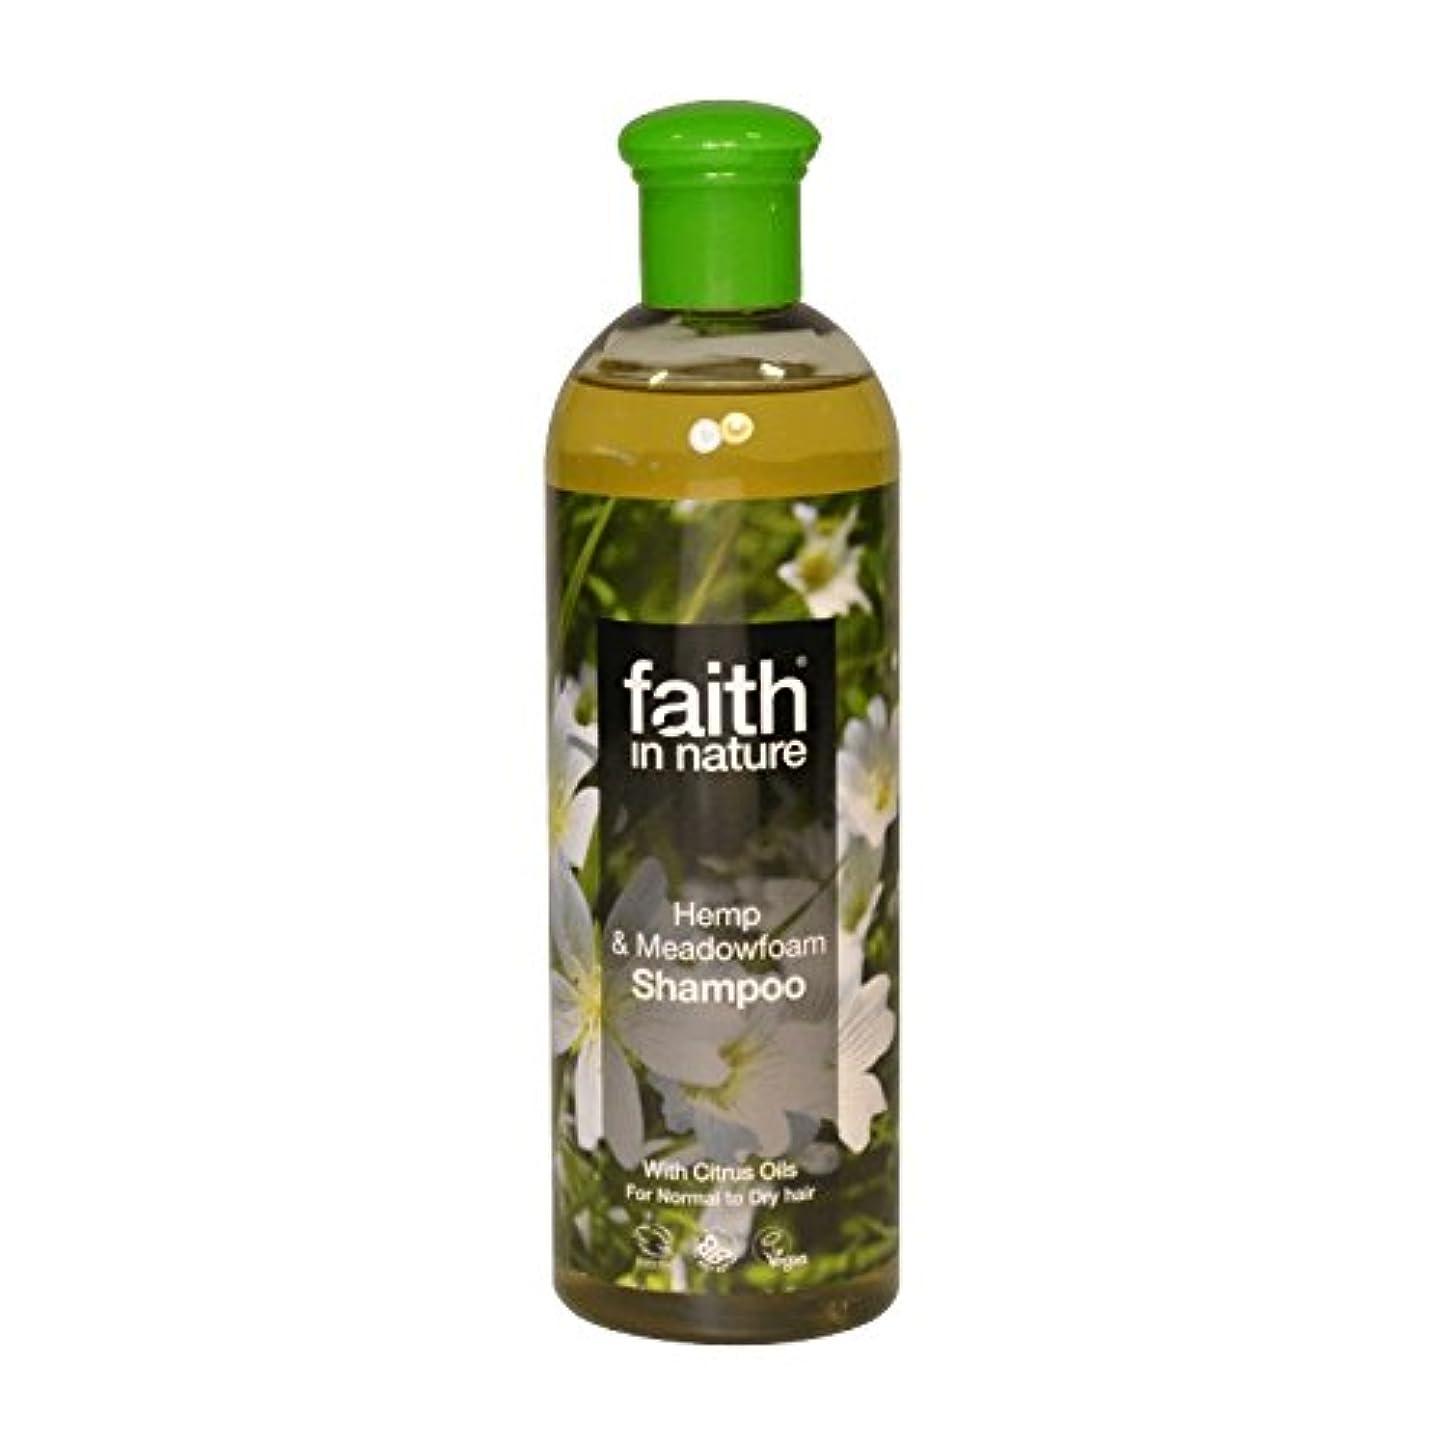 パフ一貫性のない前Faith in Nature Hemp & Meadowfoam Shampoo 400ml (Pack of 2) - 自然の麻&メドウフォームシャンプー400ミリリットルの信仰 (x2) [並行輸入品]